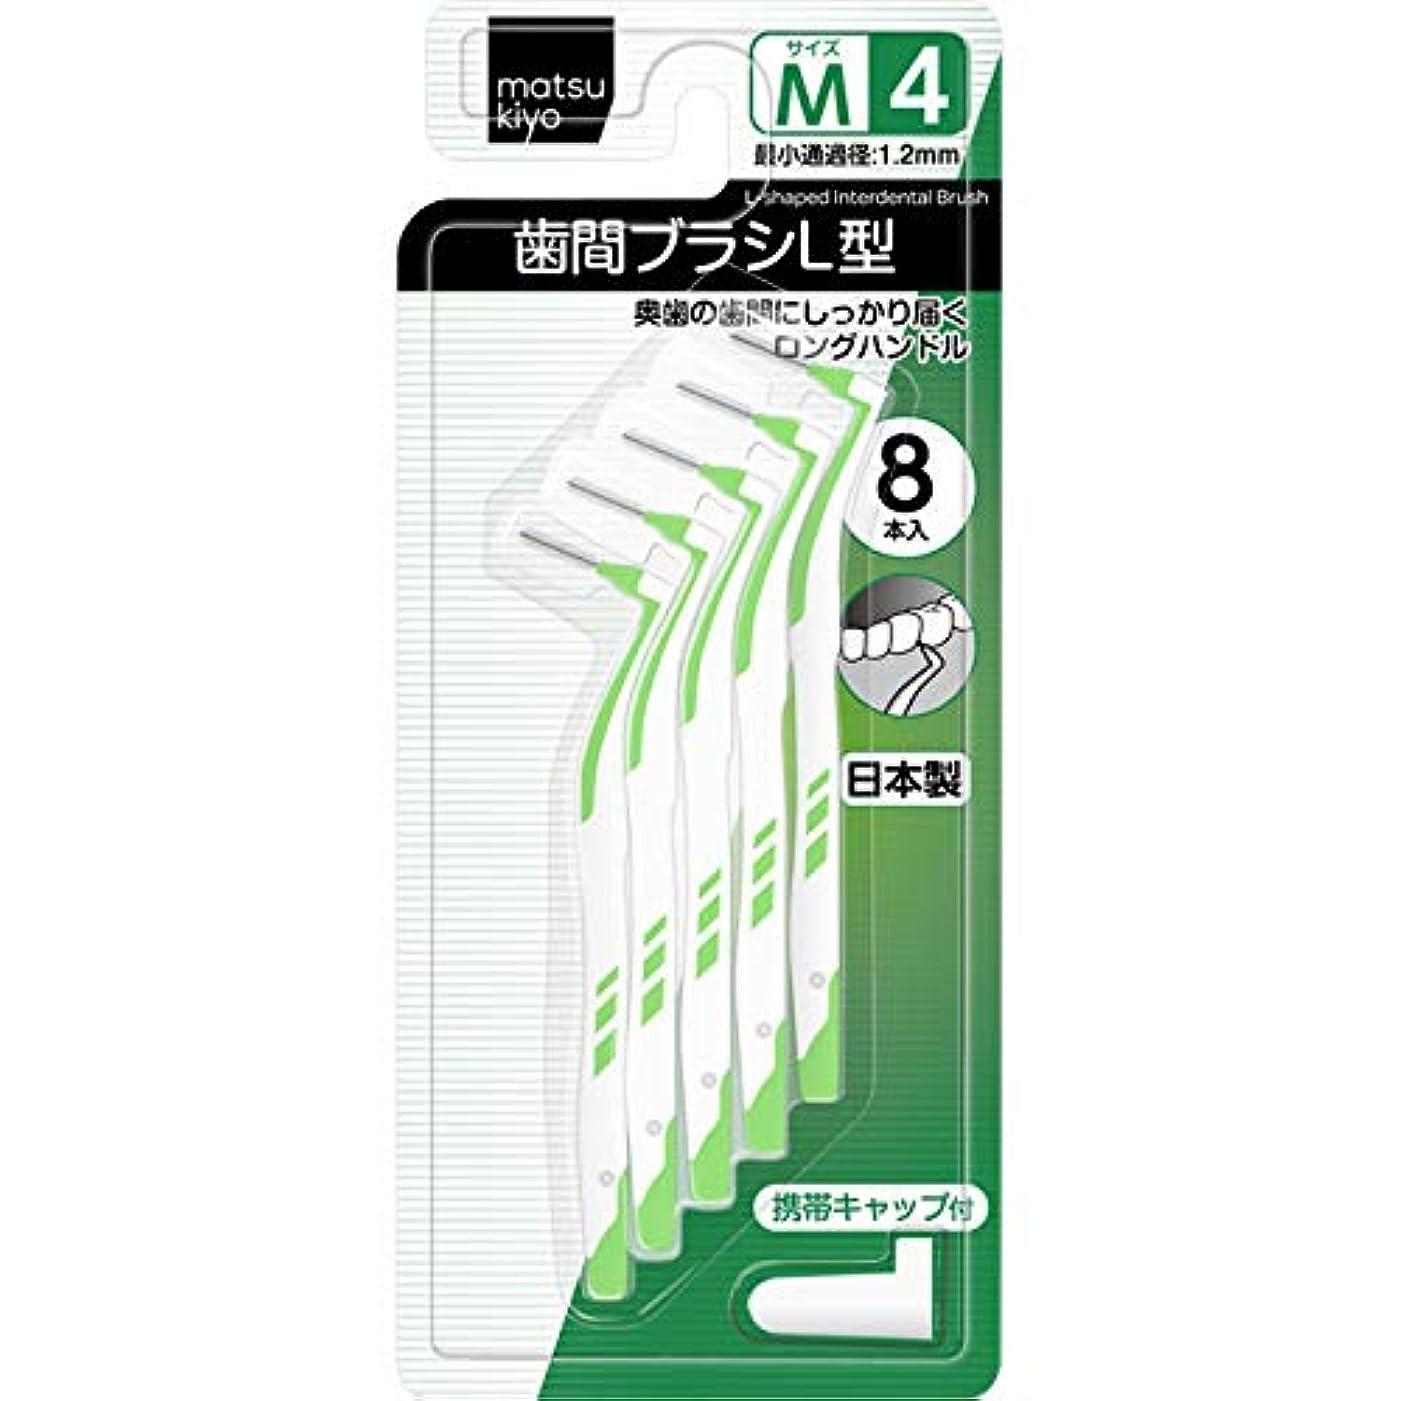 マーケティング着実にエンターテインメント毅?インエグゼサプライ matsukiyo 歯間ブラシL型 サイズ4(M) 8本